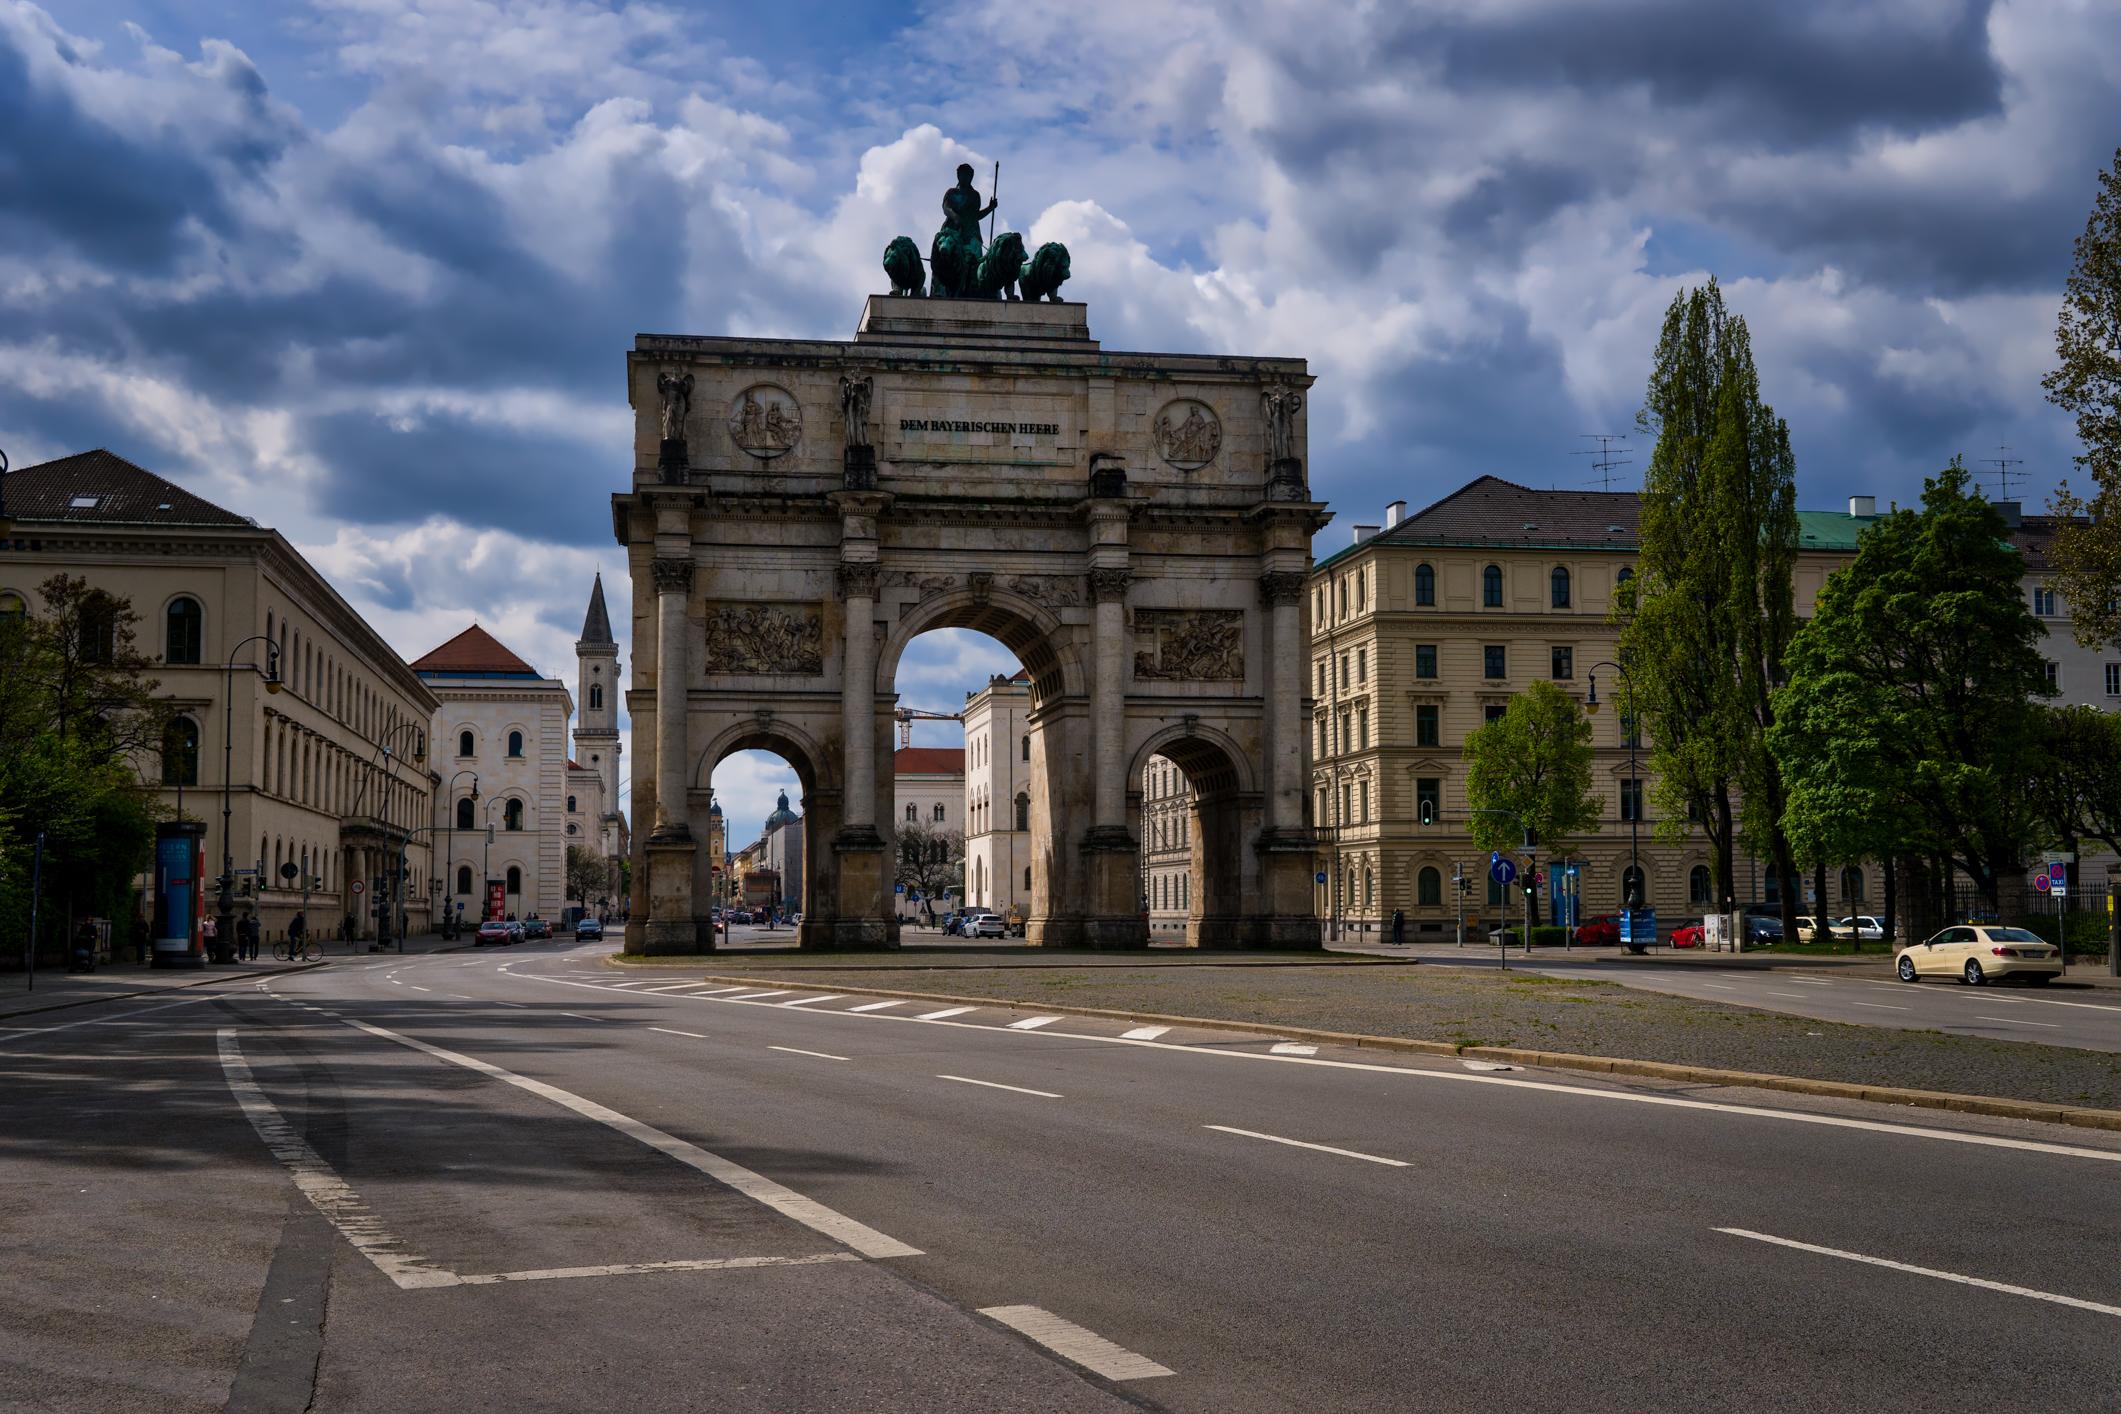 Munich-Siegestor-arch.jpg